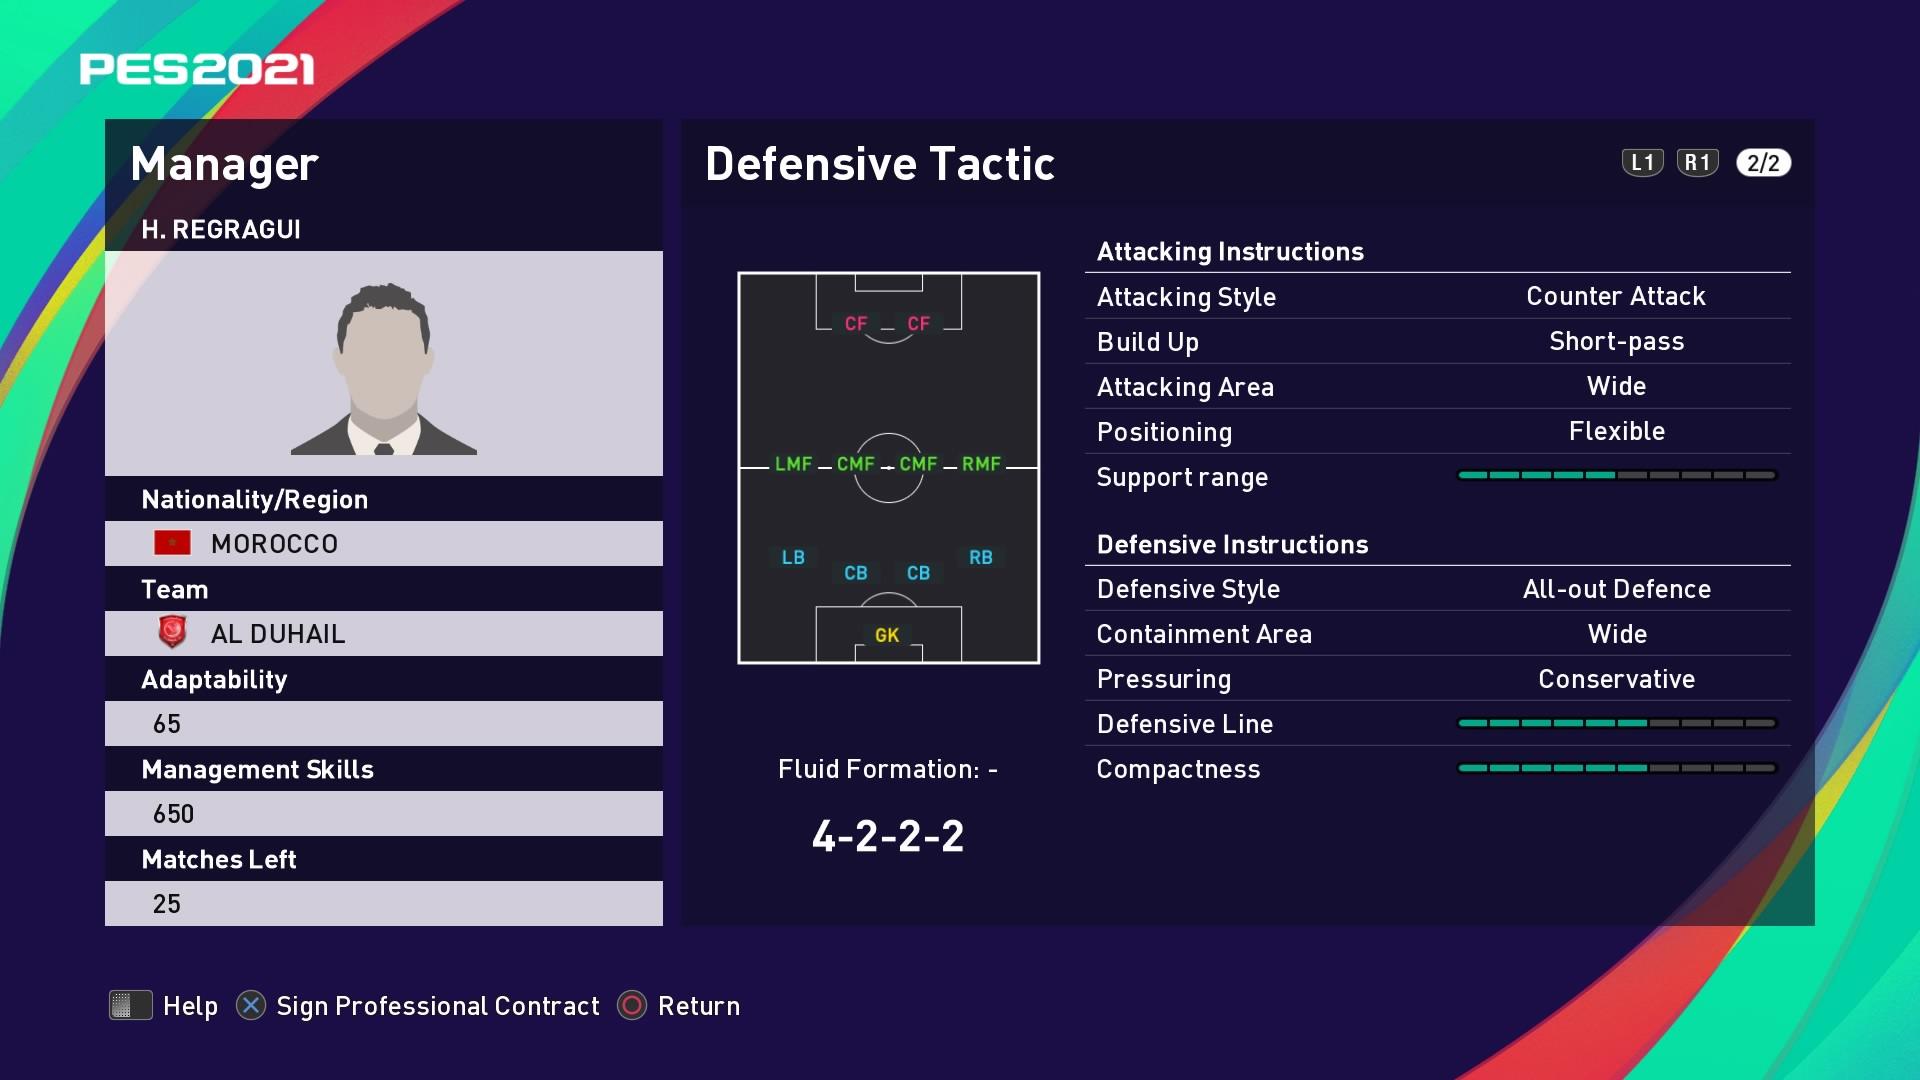 H. Regragui (Walid Regragui ) Defensive Tactic in PES 2021 myClub